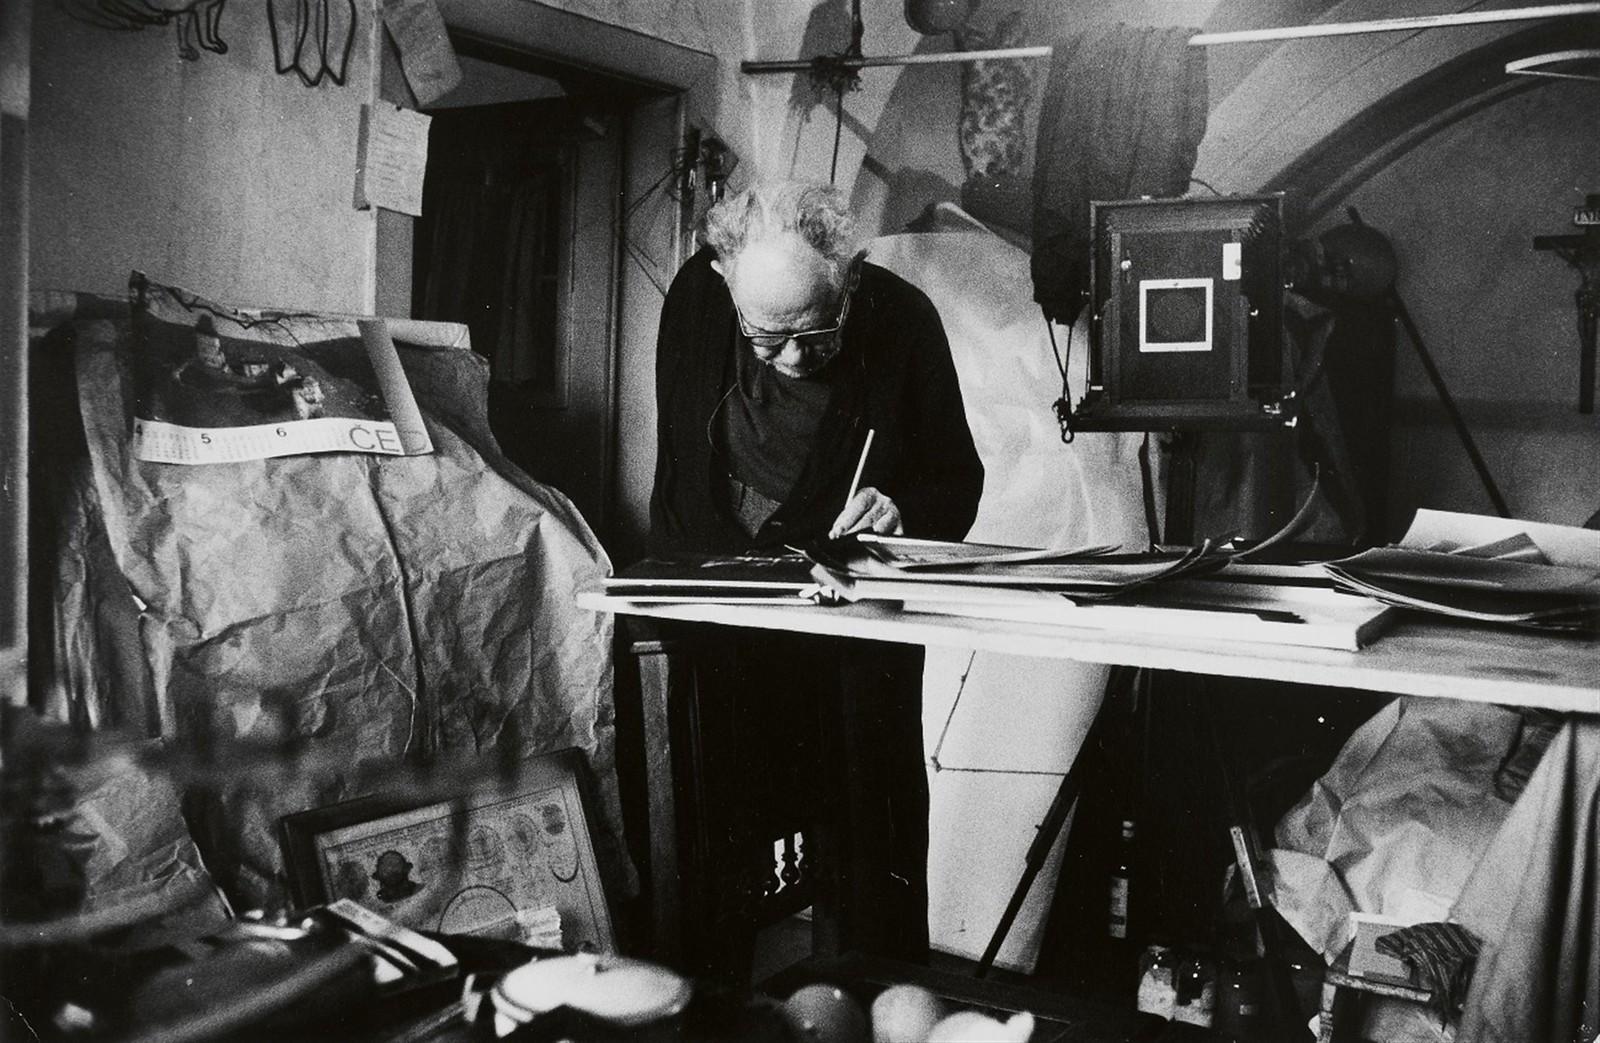 1960-е. Йозеф Судек (чешский фотограф) в мастерской